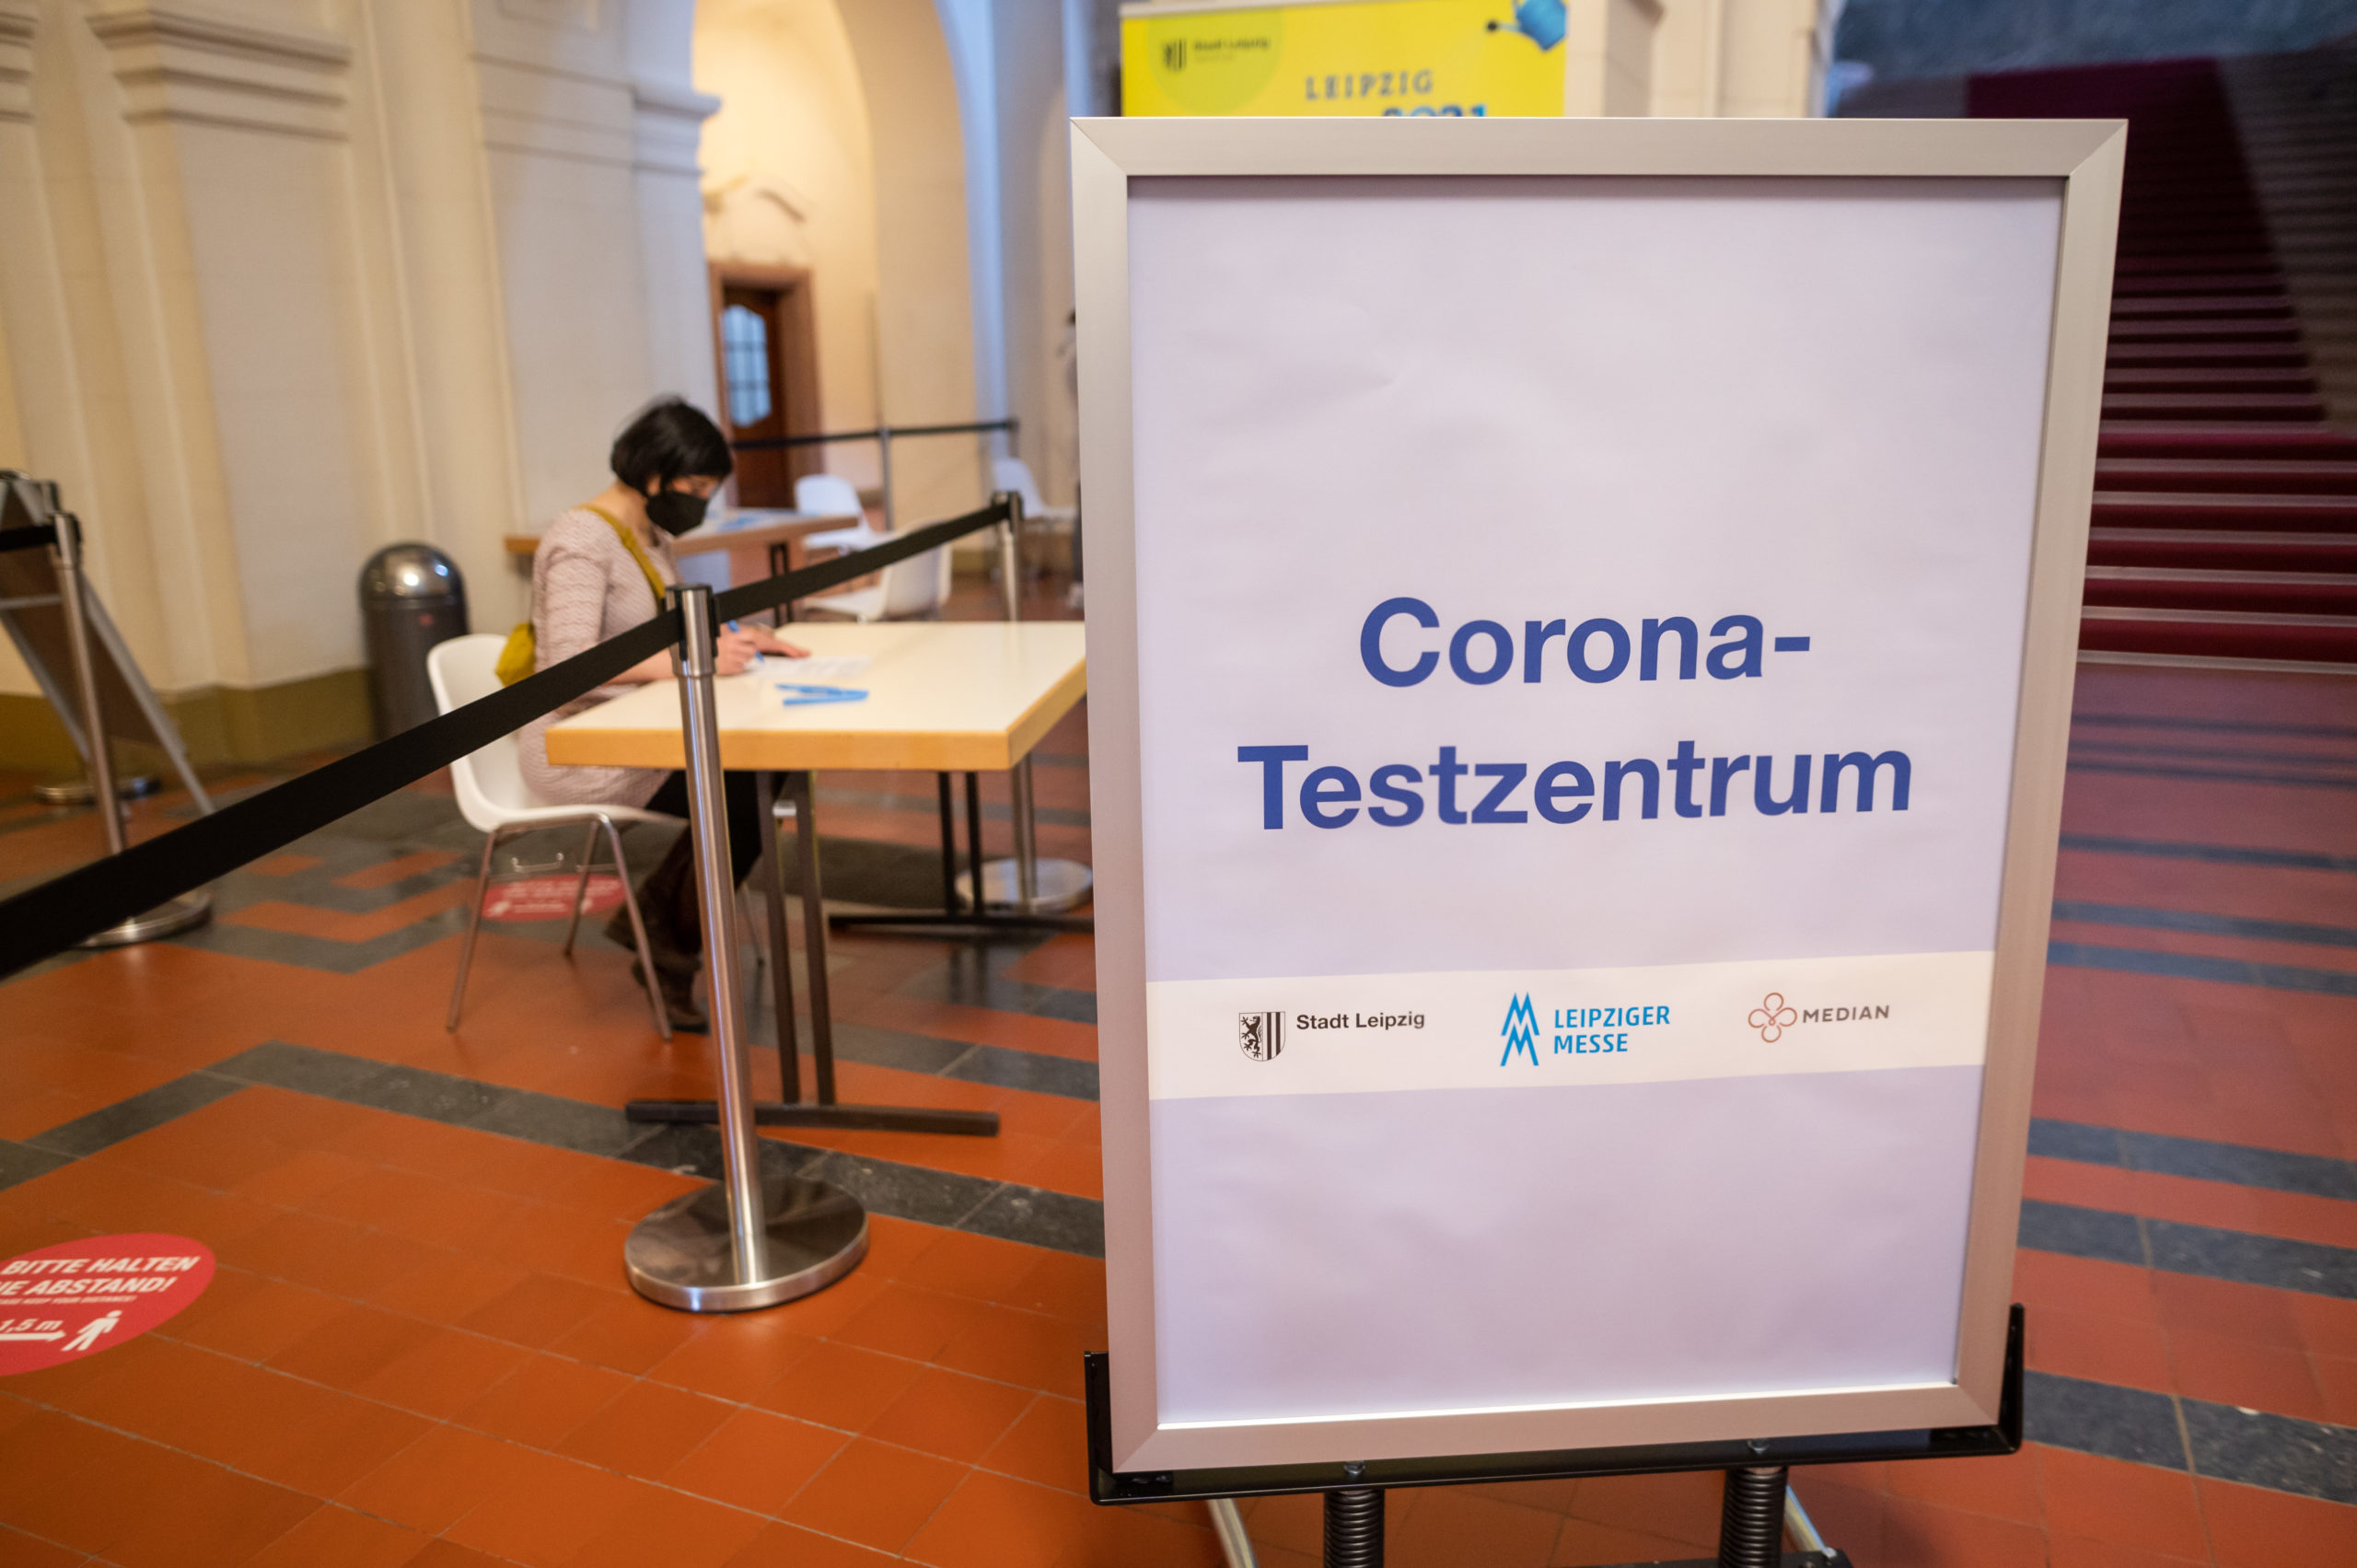 Testzentrum (Foto: Leipziger Messe)